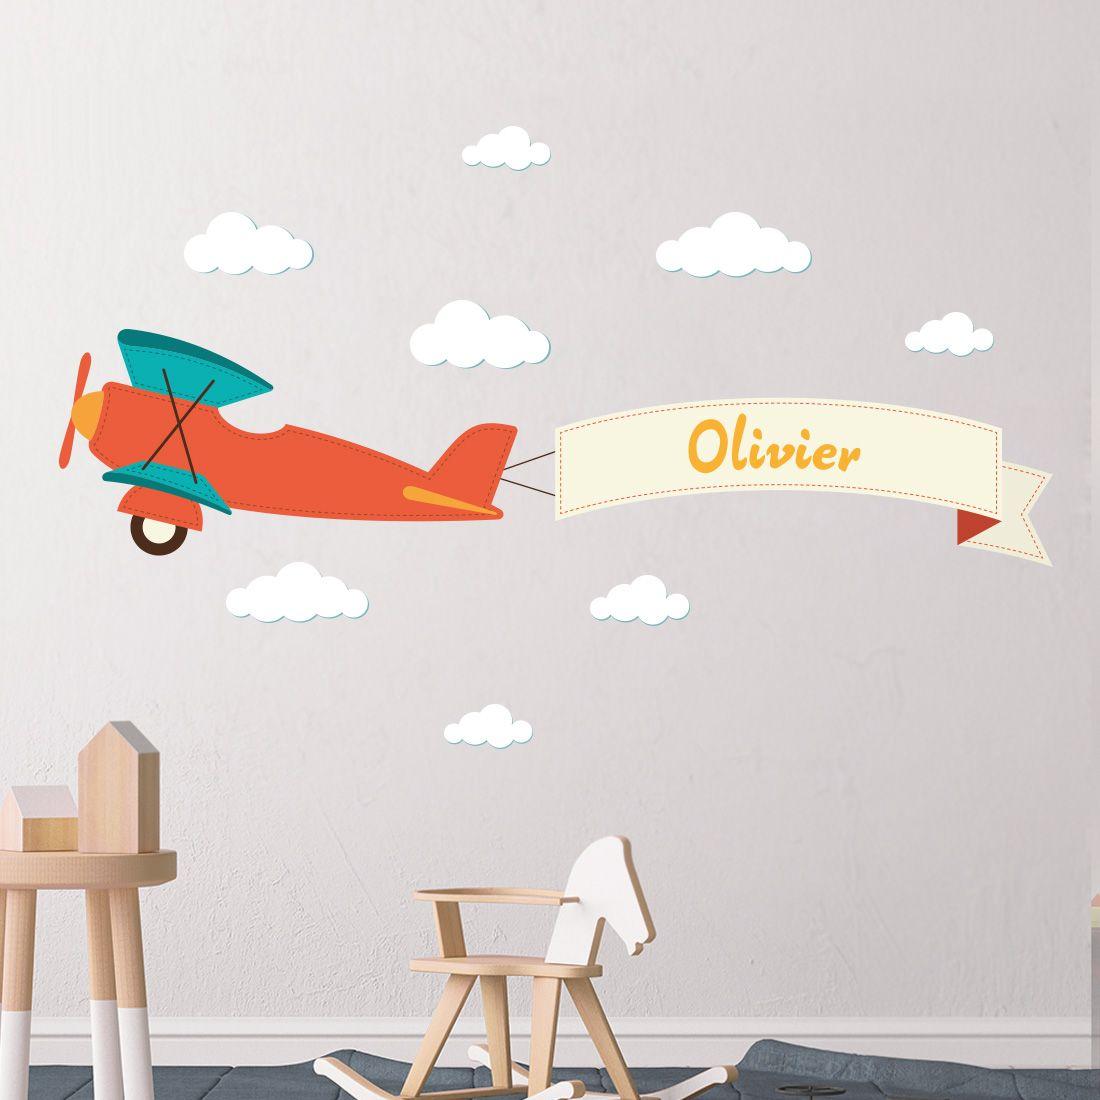 Muursticker vliegtuig dubbeldekker met naam | Muurstickers